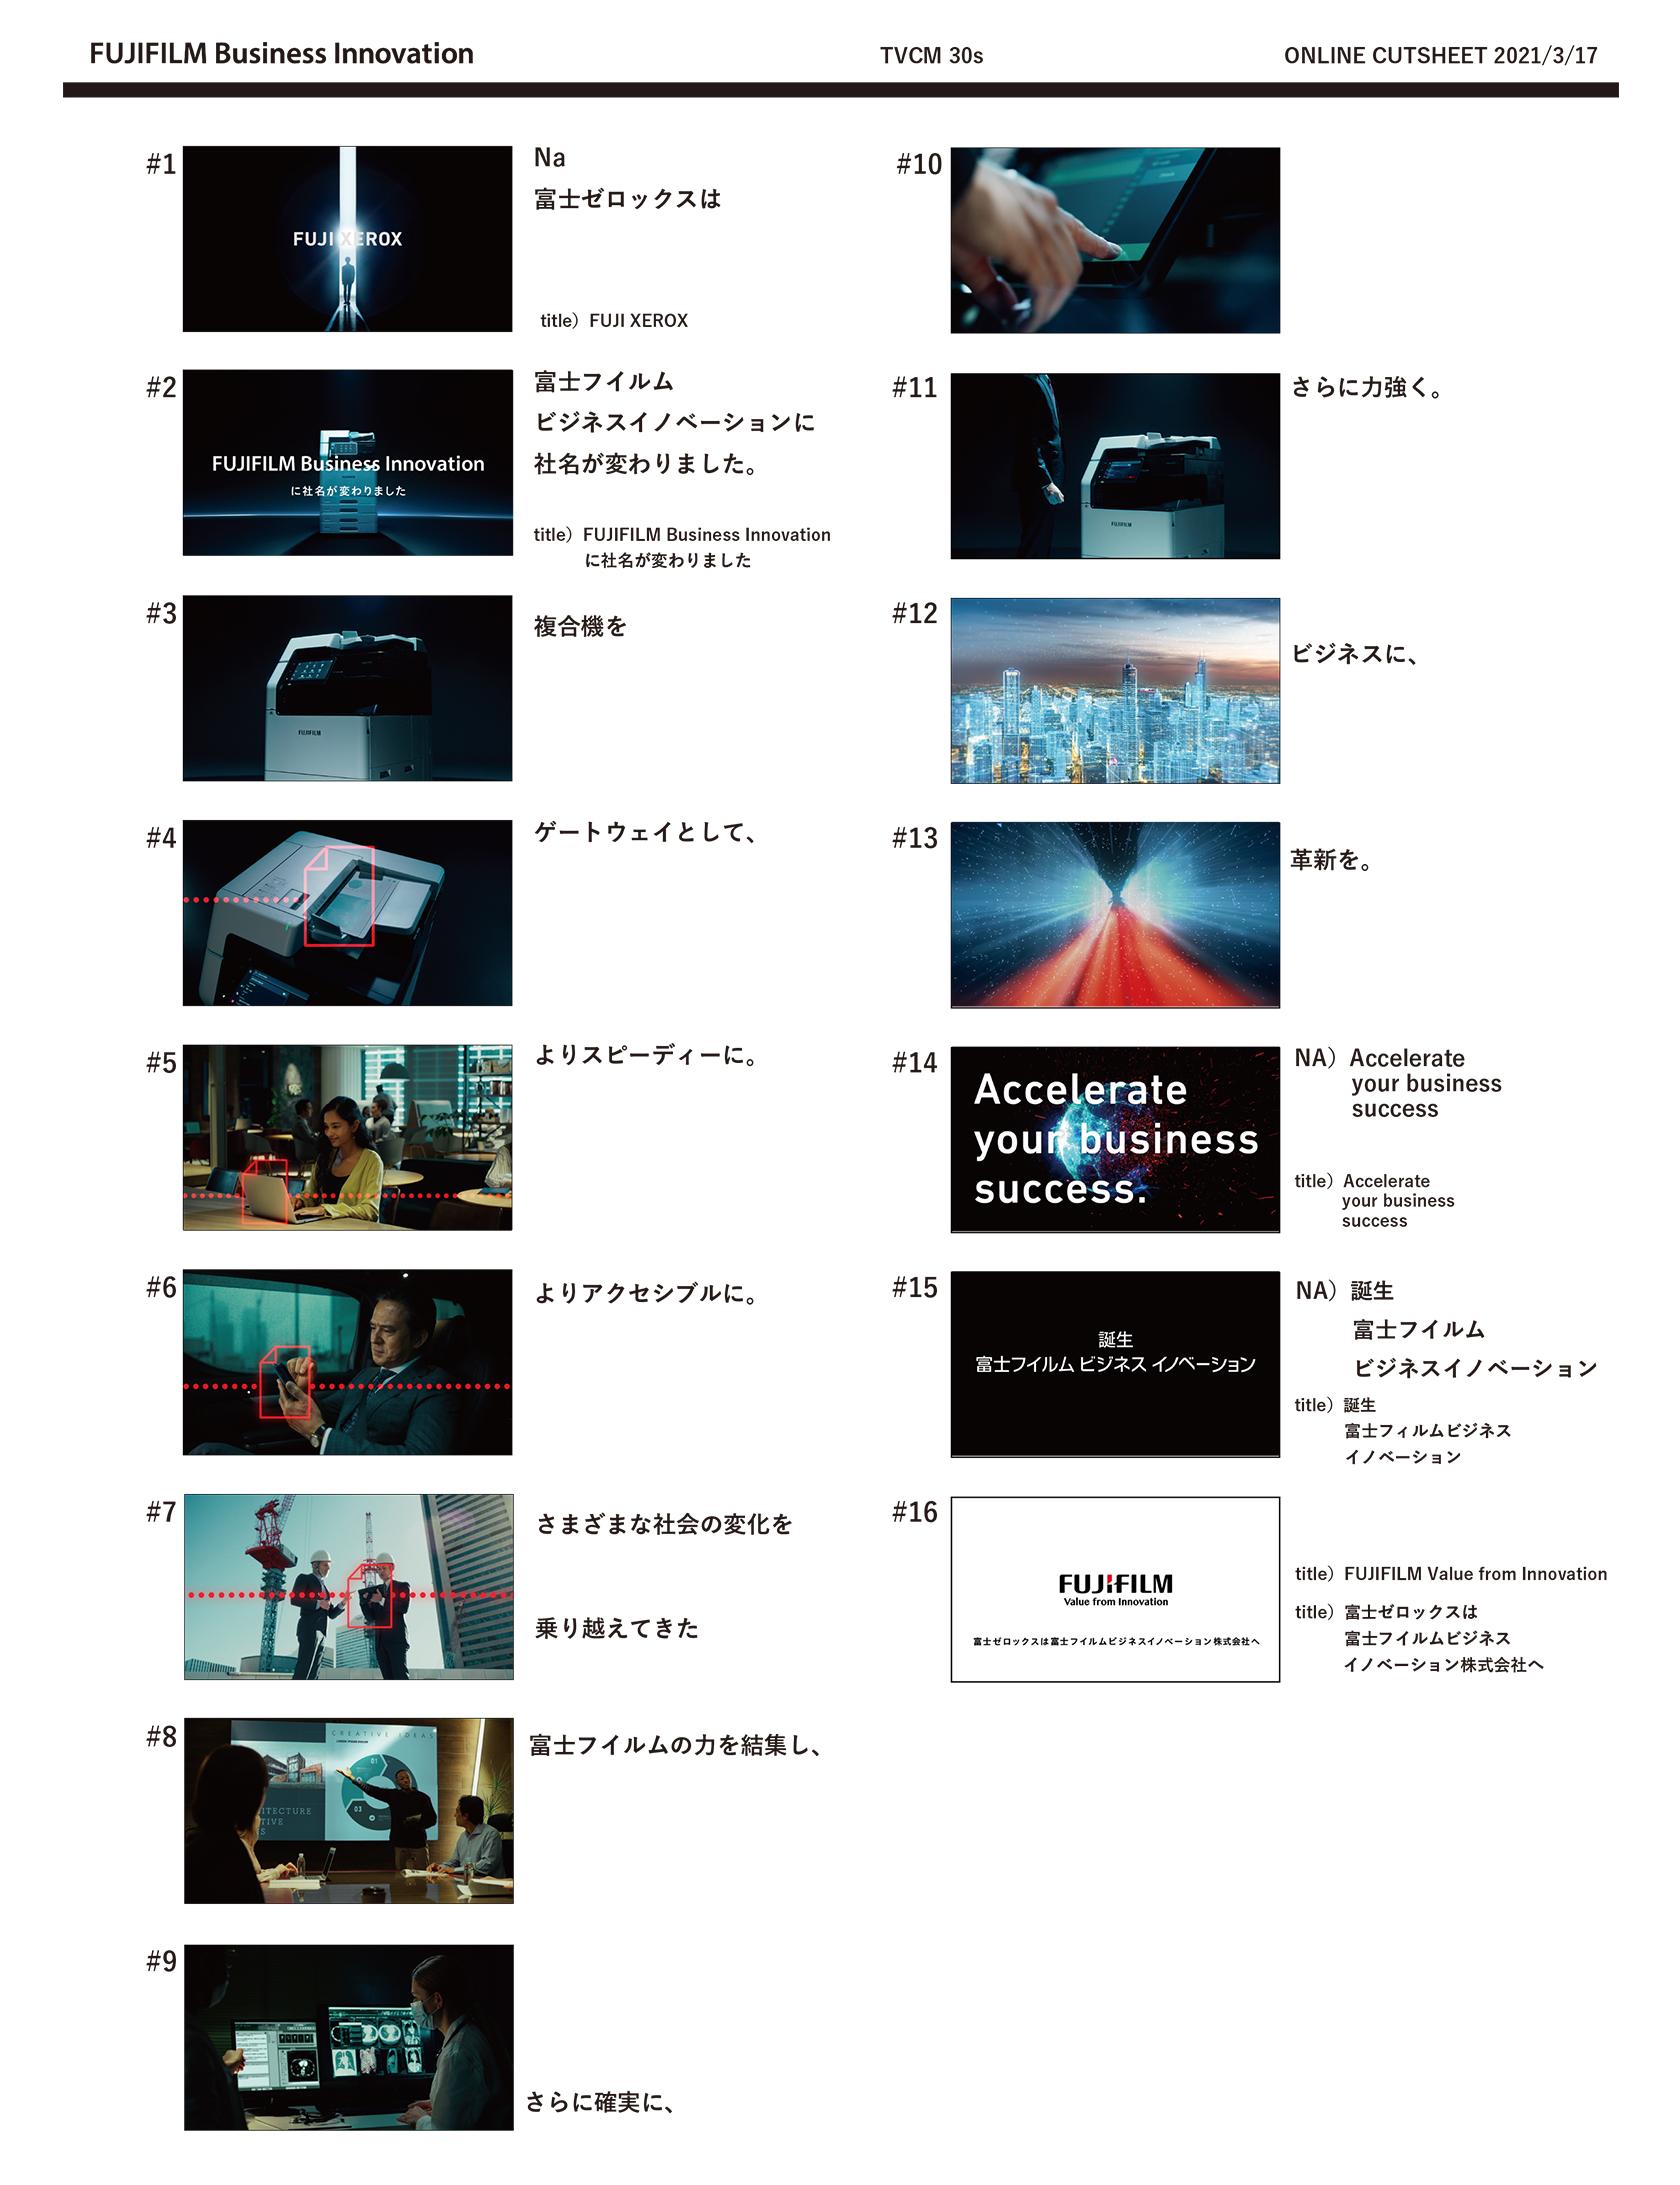 【ストーリーボード】 「富士フイルムビジネスイノベーション:誕生篇 30秒」